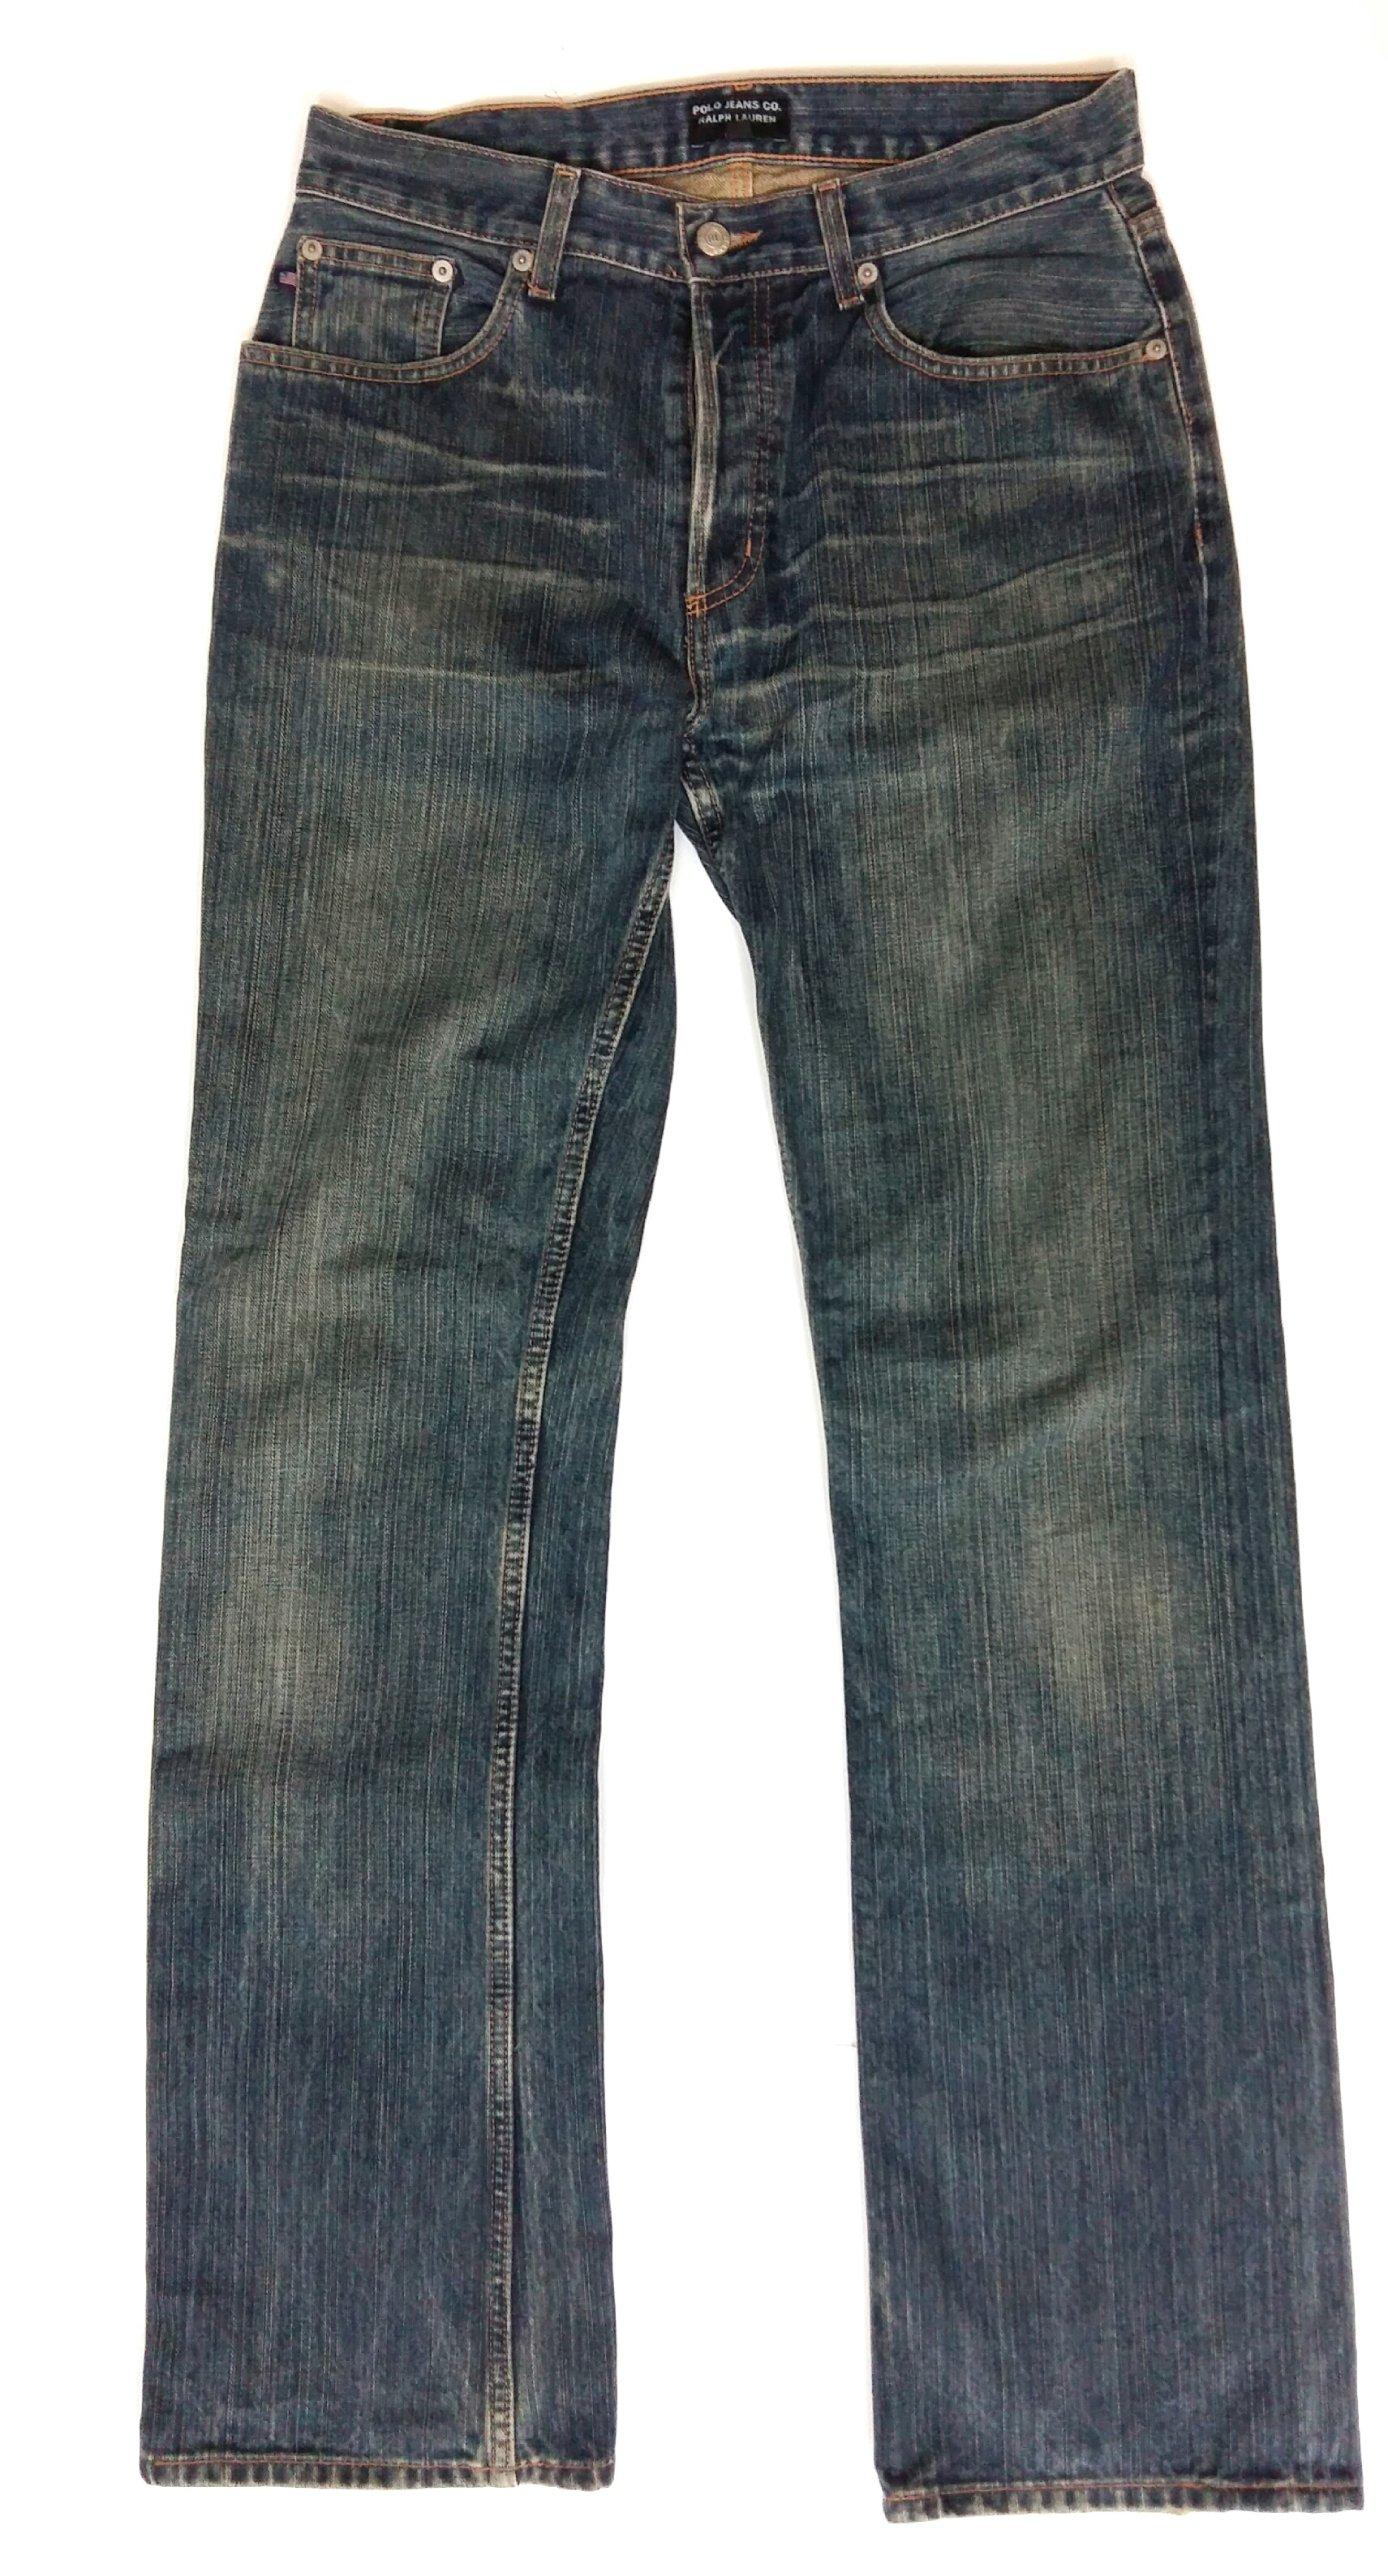 f5de86977 Polo Jeans Ralph Lauren spodnie męskie jak Nowe - 7154103046 ...